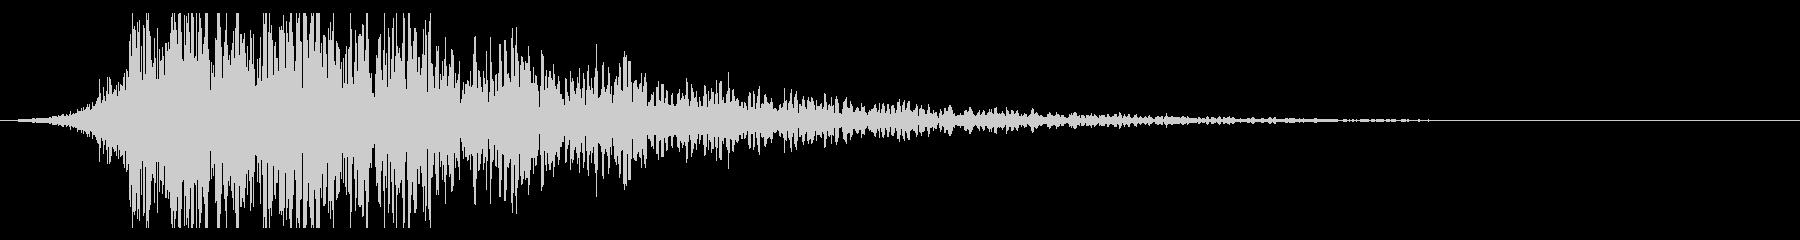 シュードーン-19-1(インパクト音)の未再生の波形